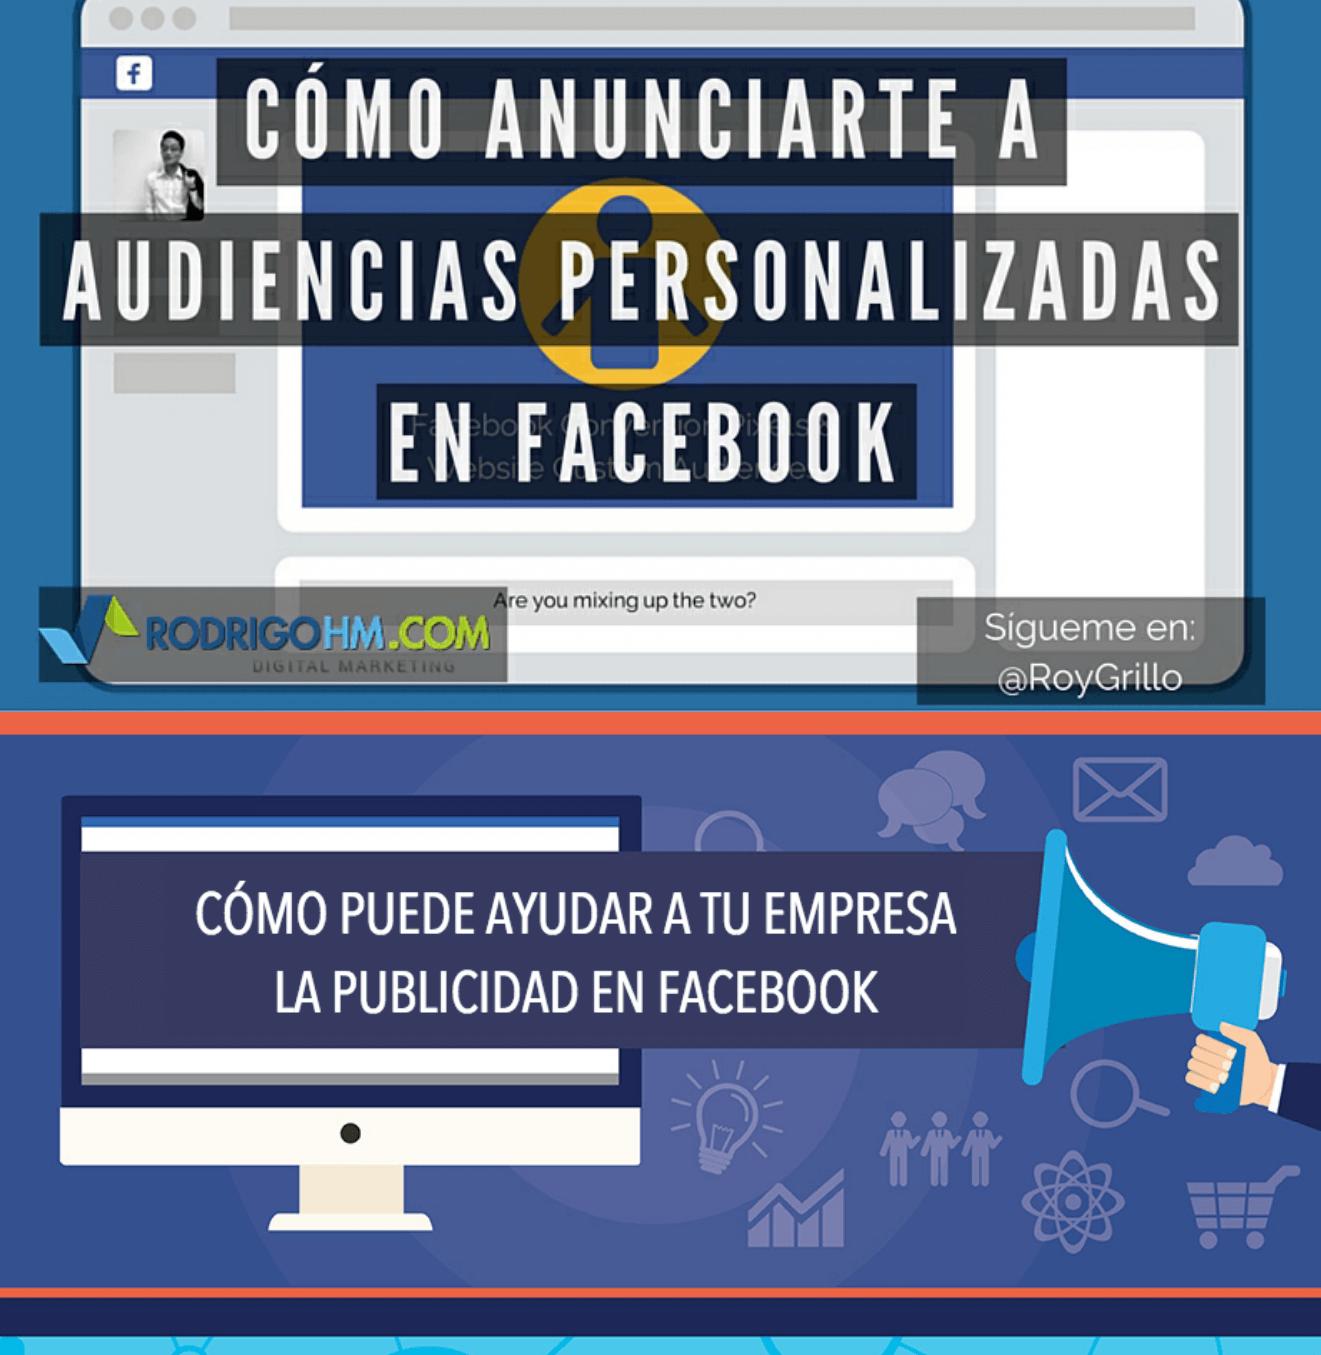 Facebook publicidad como puede ayudar a tu empresa.